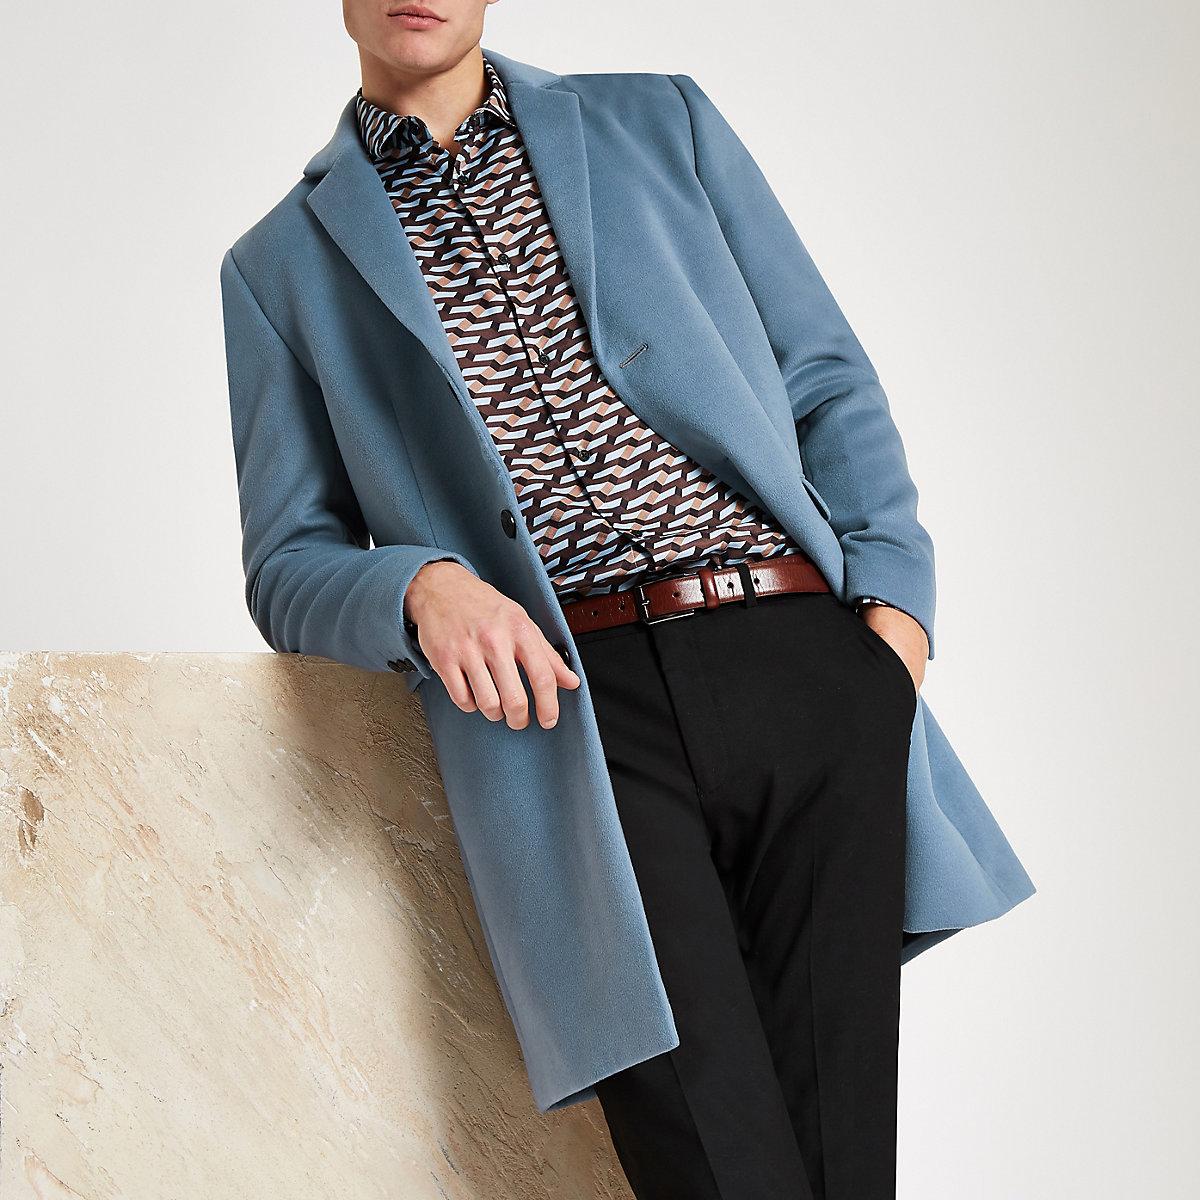 Olly Murs blue overcoat